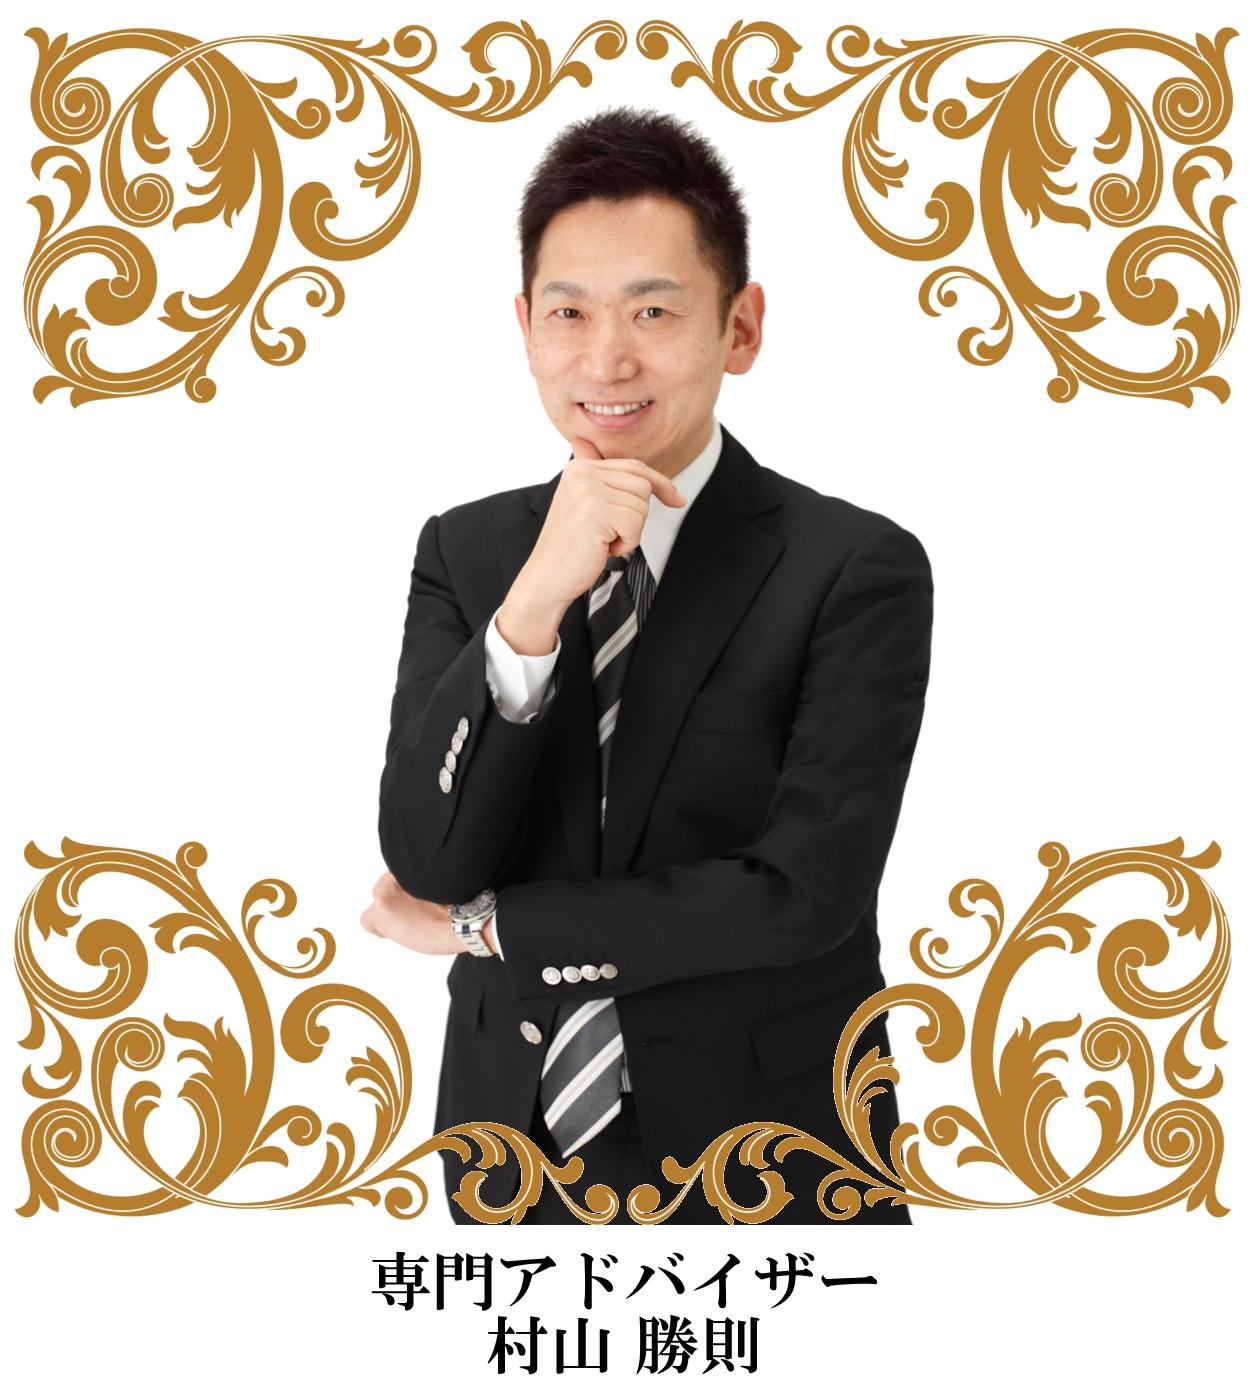 村山勝則のイメージ画像